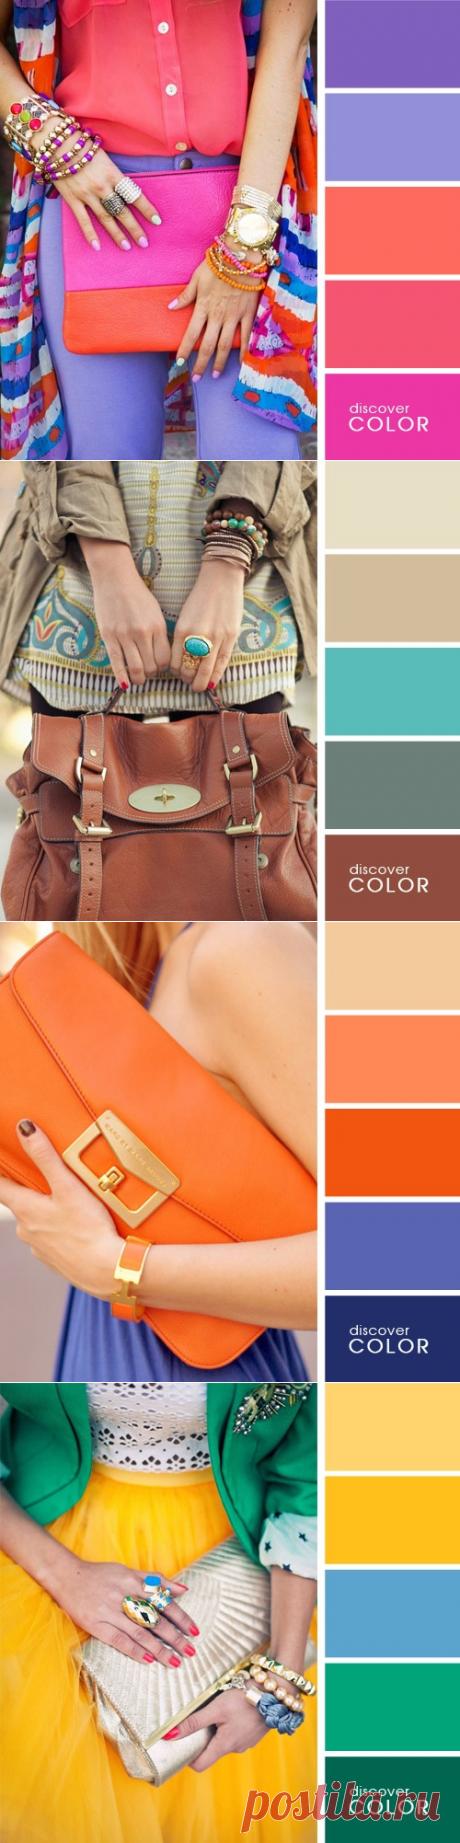 La chuleta fenomenal por la combinación correcta de los colores en la ropa